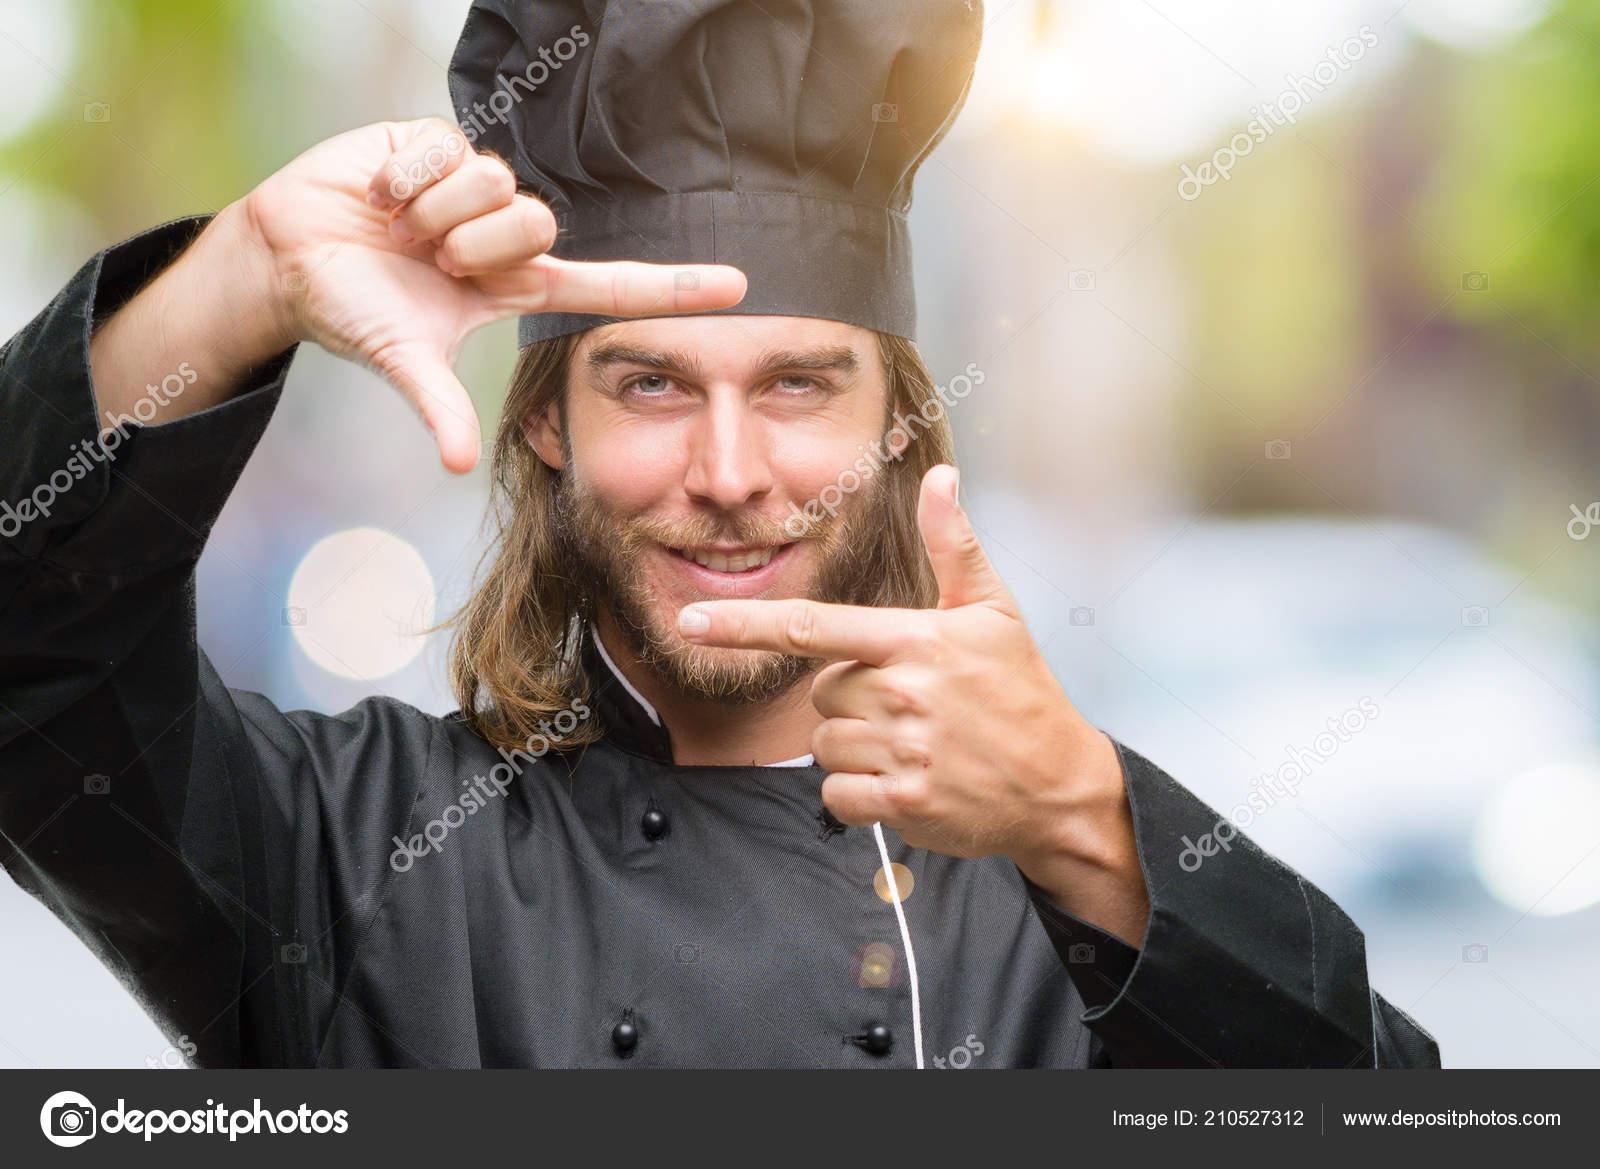 f47bf8c9628efb Jonge knappe kook man met lange haren op geïsoleerde achtergrond  glimlachend maken frame met handen en vingers met blij gezicht.  Creativiteit en fotografie ...